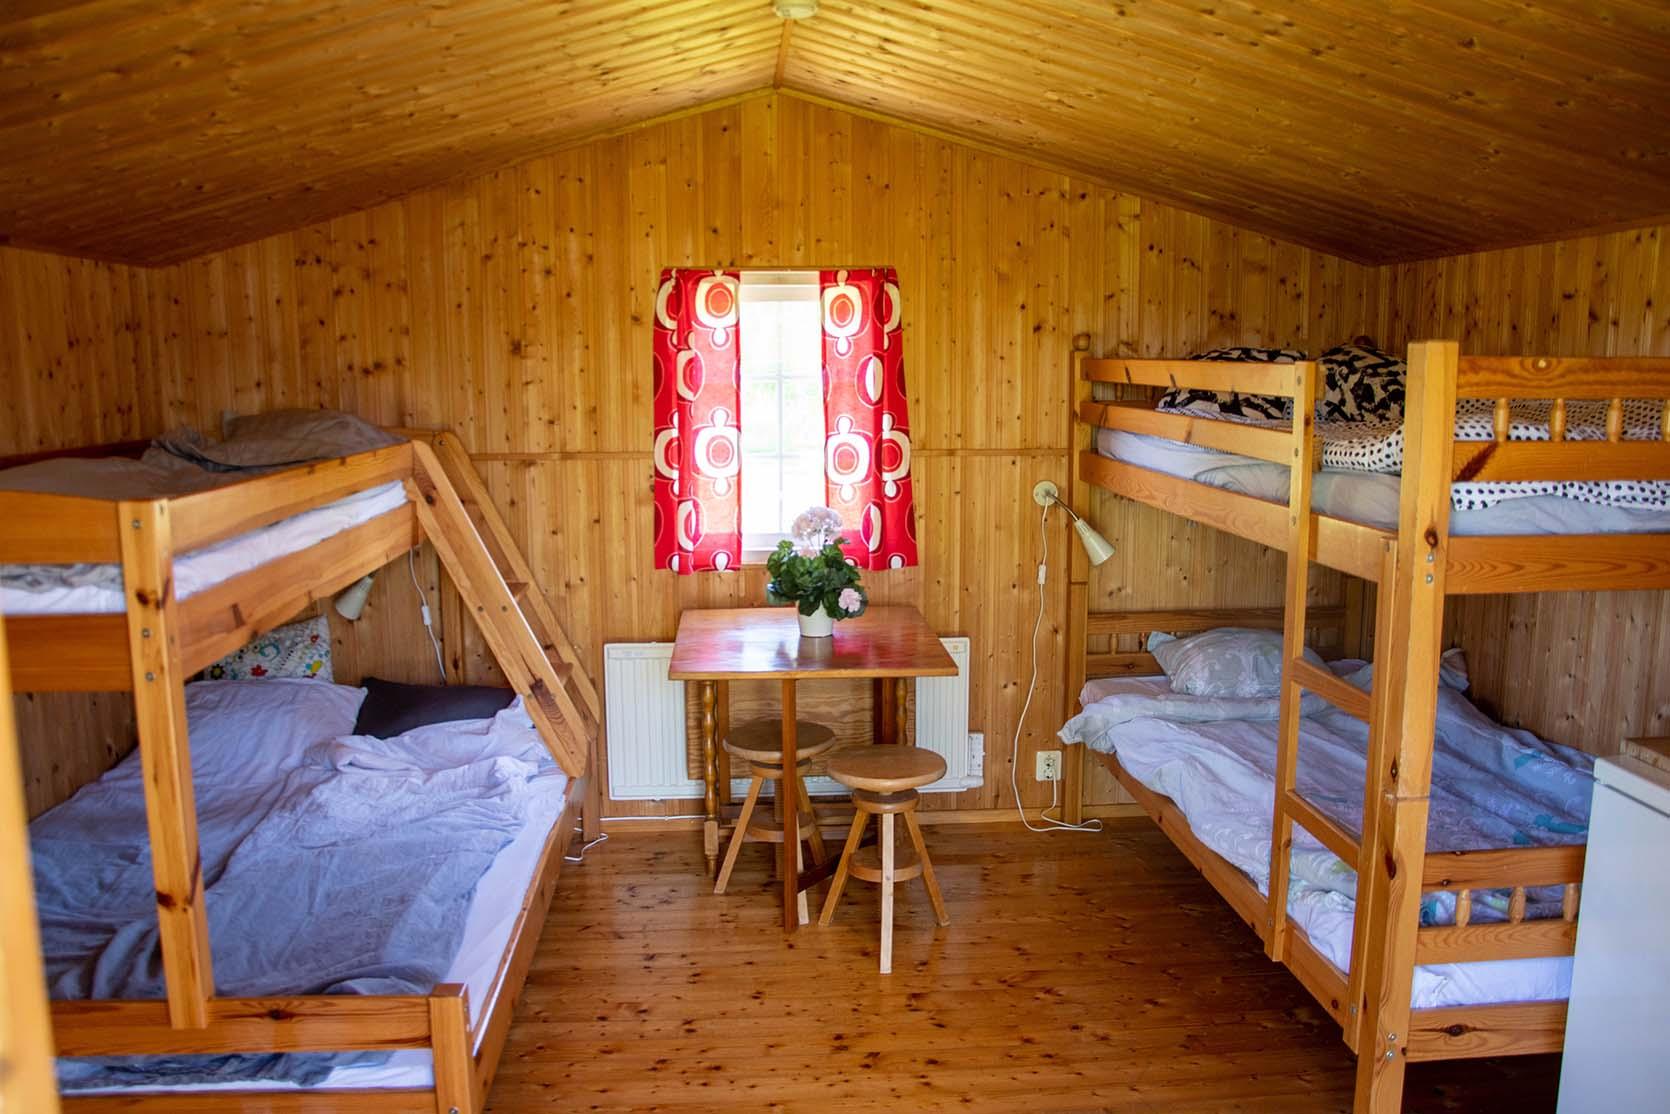 5-bäddsstuga sovplats